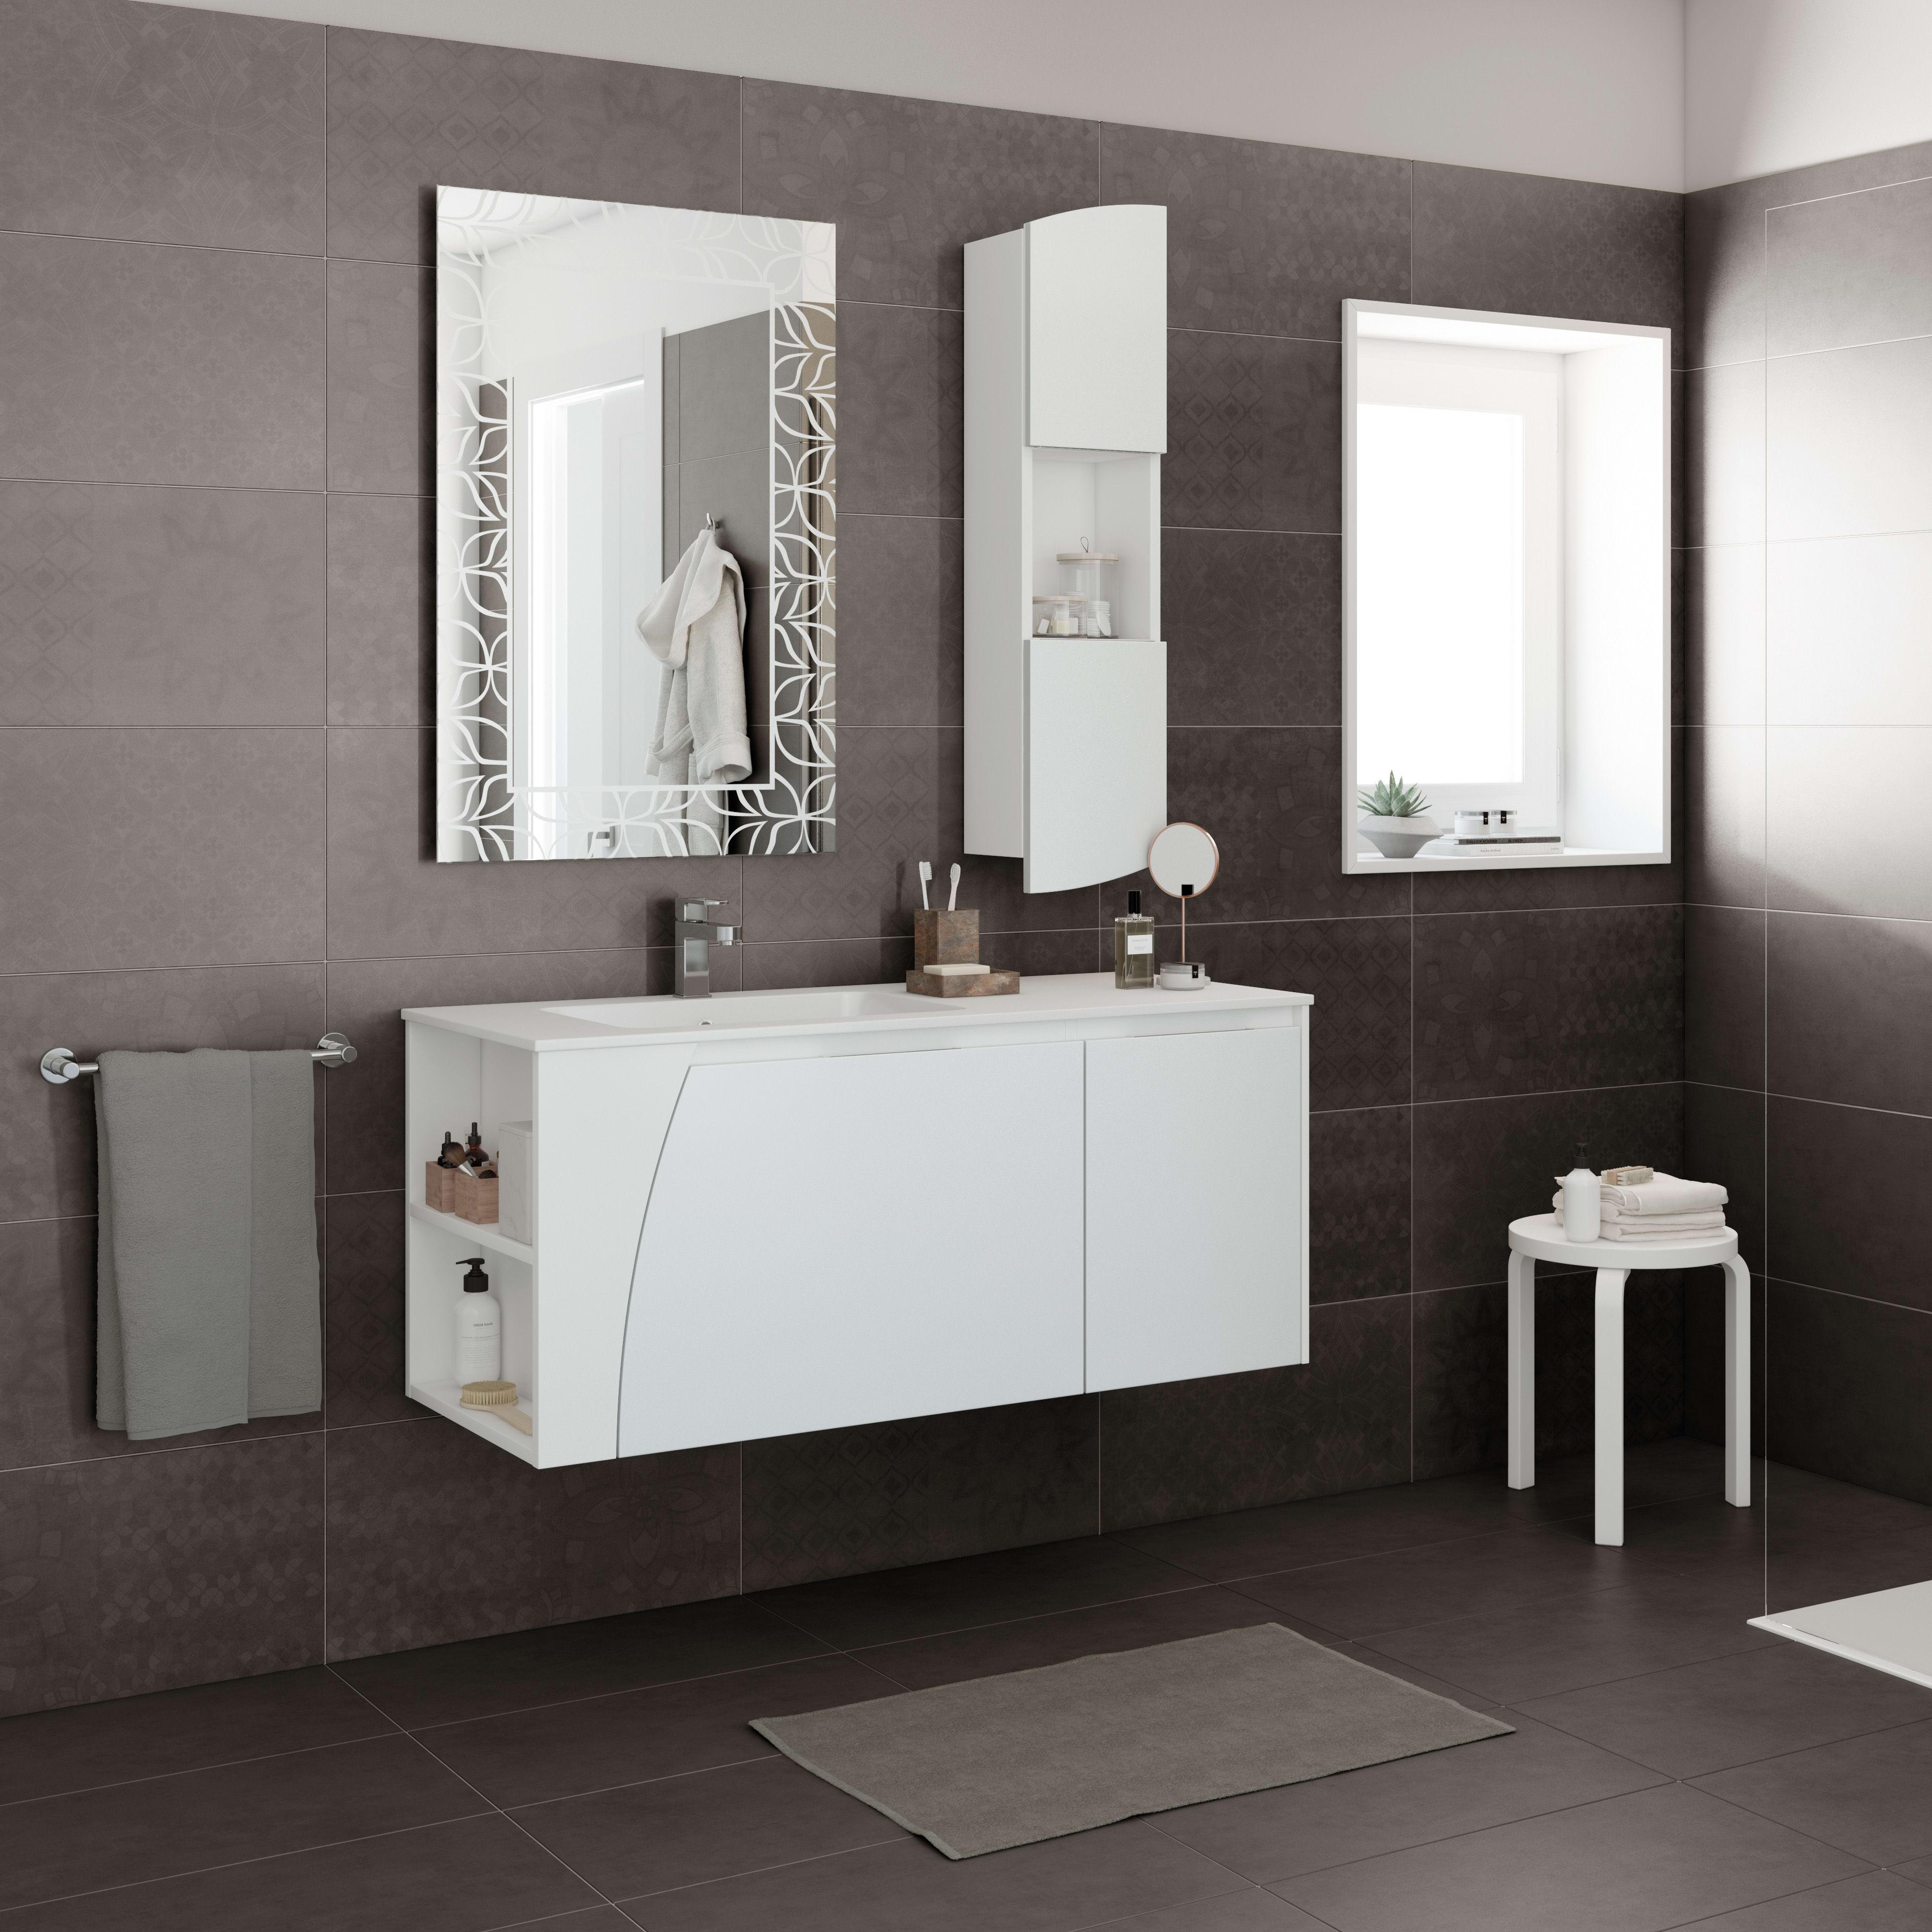 Come Pulire Il Mineralmarmo mobile bagno soft bianco l 116.5 cm